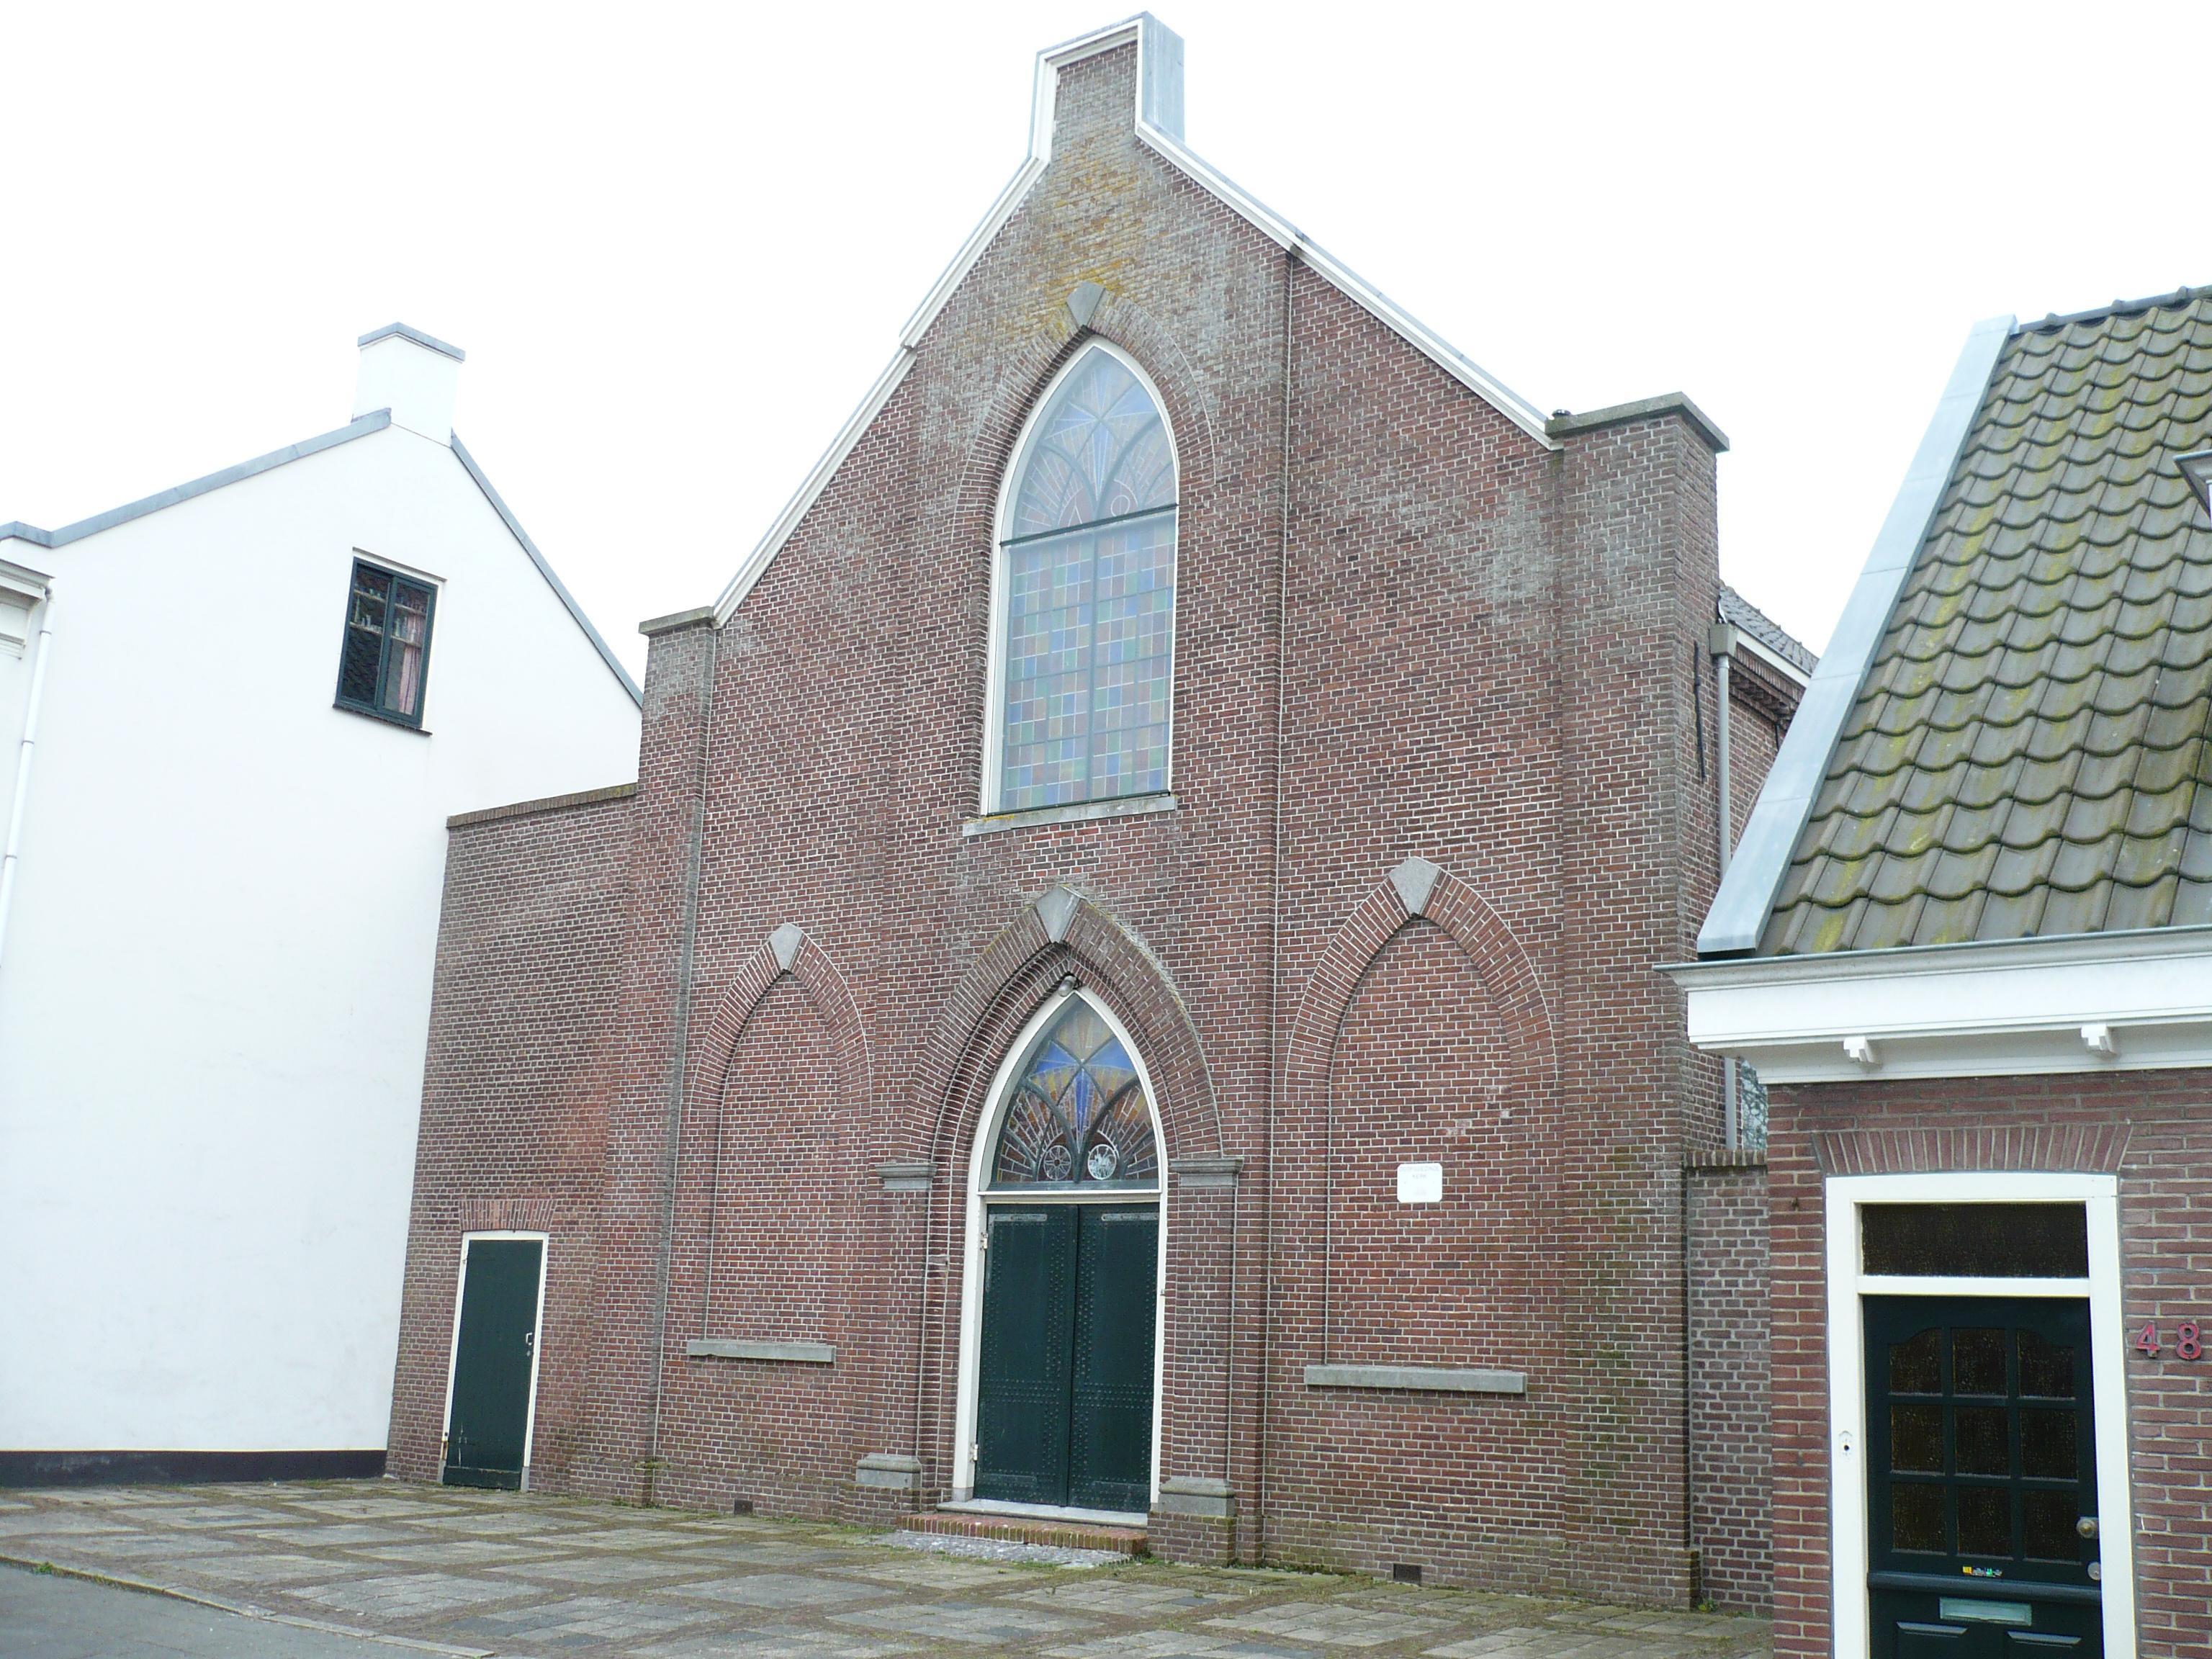 Kerk aan de Kerkgracht in Den Helder is in een mum van tijd verkocht. Nu wordt het een huis